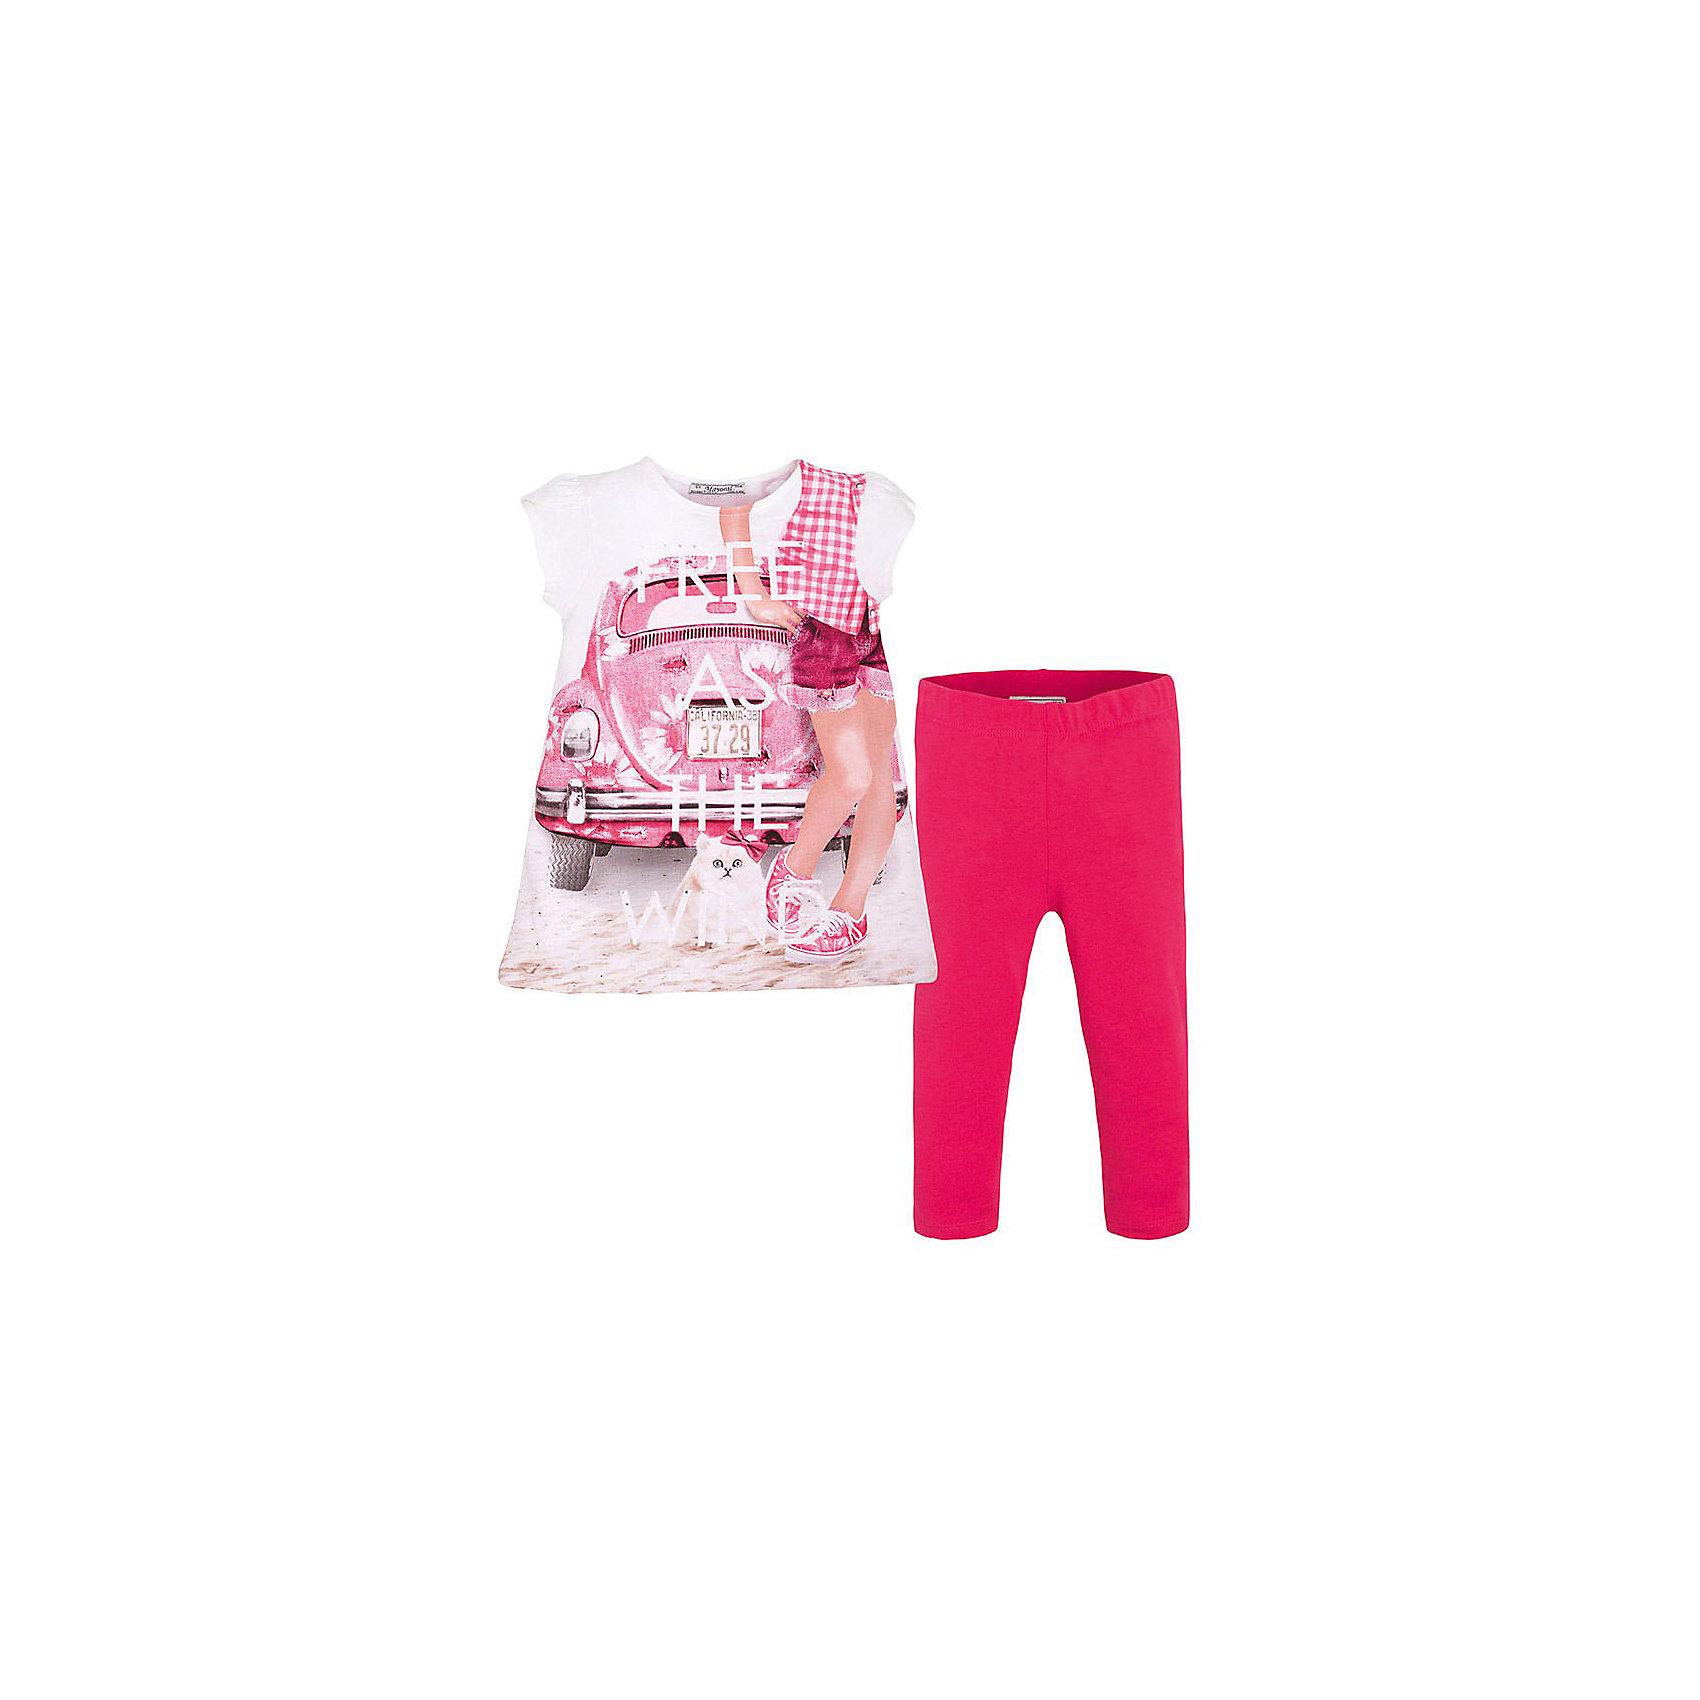 Комплект для девочки: леггинсы и футболка MayoralКомплекты<br>Комплект: леггинсы и футболка  для девочки от известной испанской марки Mayoral <br><br>Очень красивый комплект от Mayoral - отличный вариант летней одежды для девочек! Выглядит нарядно и оригинально. Модель выполнена из качественных материалов, отлично сидит по фигуре.<br><br>Особенности модели:<br><br>- цвет: белый, красный;<br>- леггинсы -  однотонные, пояс на резинке;<br>- футболка украшена принтом.<br><br>Дополнительная информация:<br><br>Состав: 92% хлопок, 8% эластан<br><br>Комплект: леггинсы и футболка для девочки Mayoral (Майорал) можно купить в нашем магазине.<br><br>Ширина мм: 123<br>Глубина мм: 10<br>Высота мм: 149<br>Вес г: 209<br>Цвет: красный<br>Возраст от месяцев: 36<br>Возраст до месяцев: 48<br>Пол: Женский<br>Возраст: Детский<br>Размер: 104,92,134,128,122,116,110,98<br>SKU: 4542876